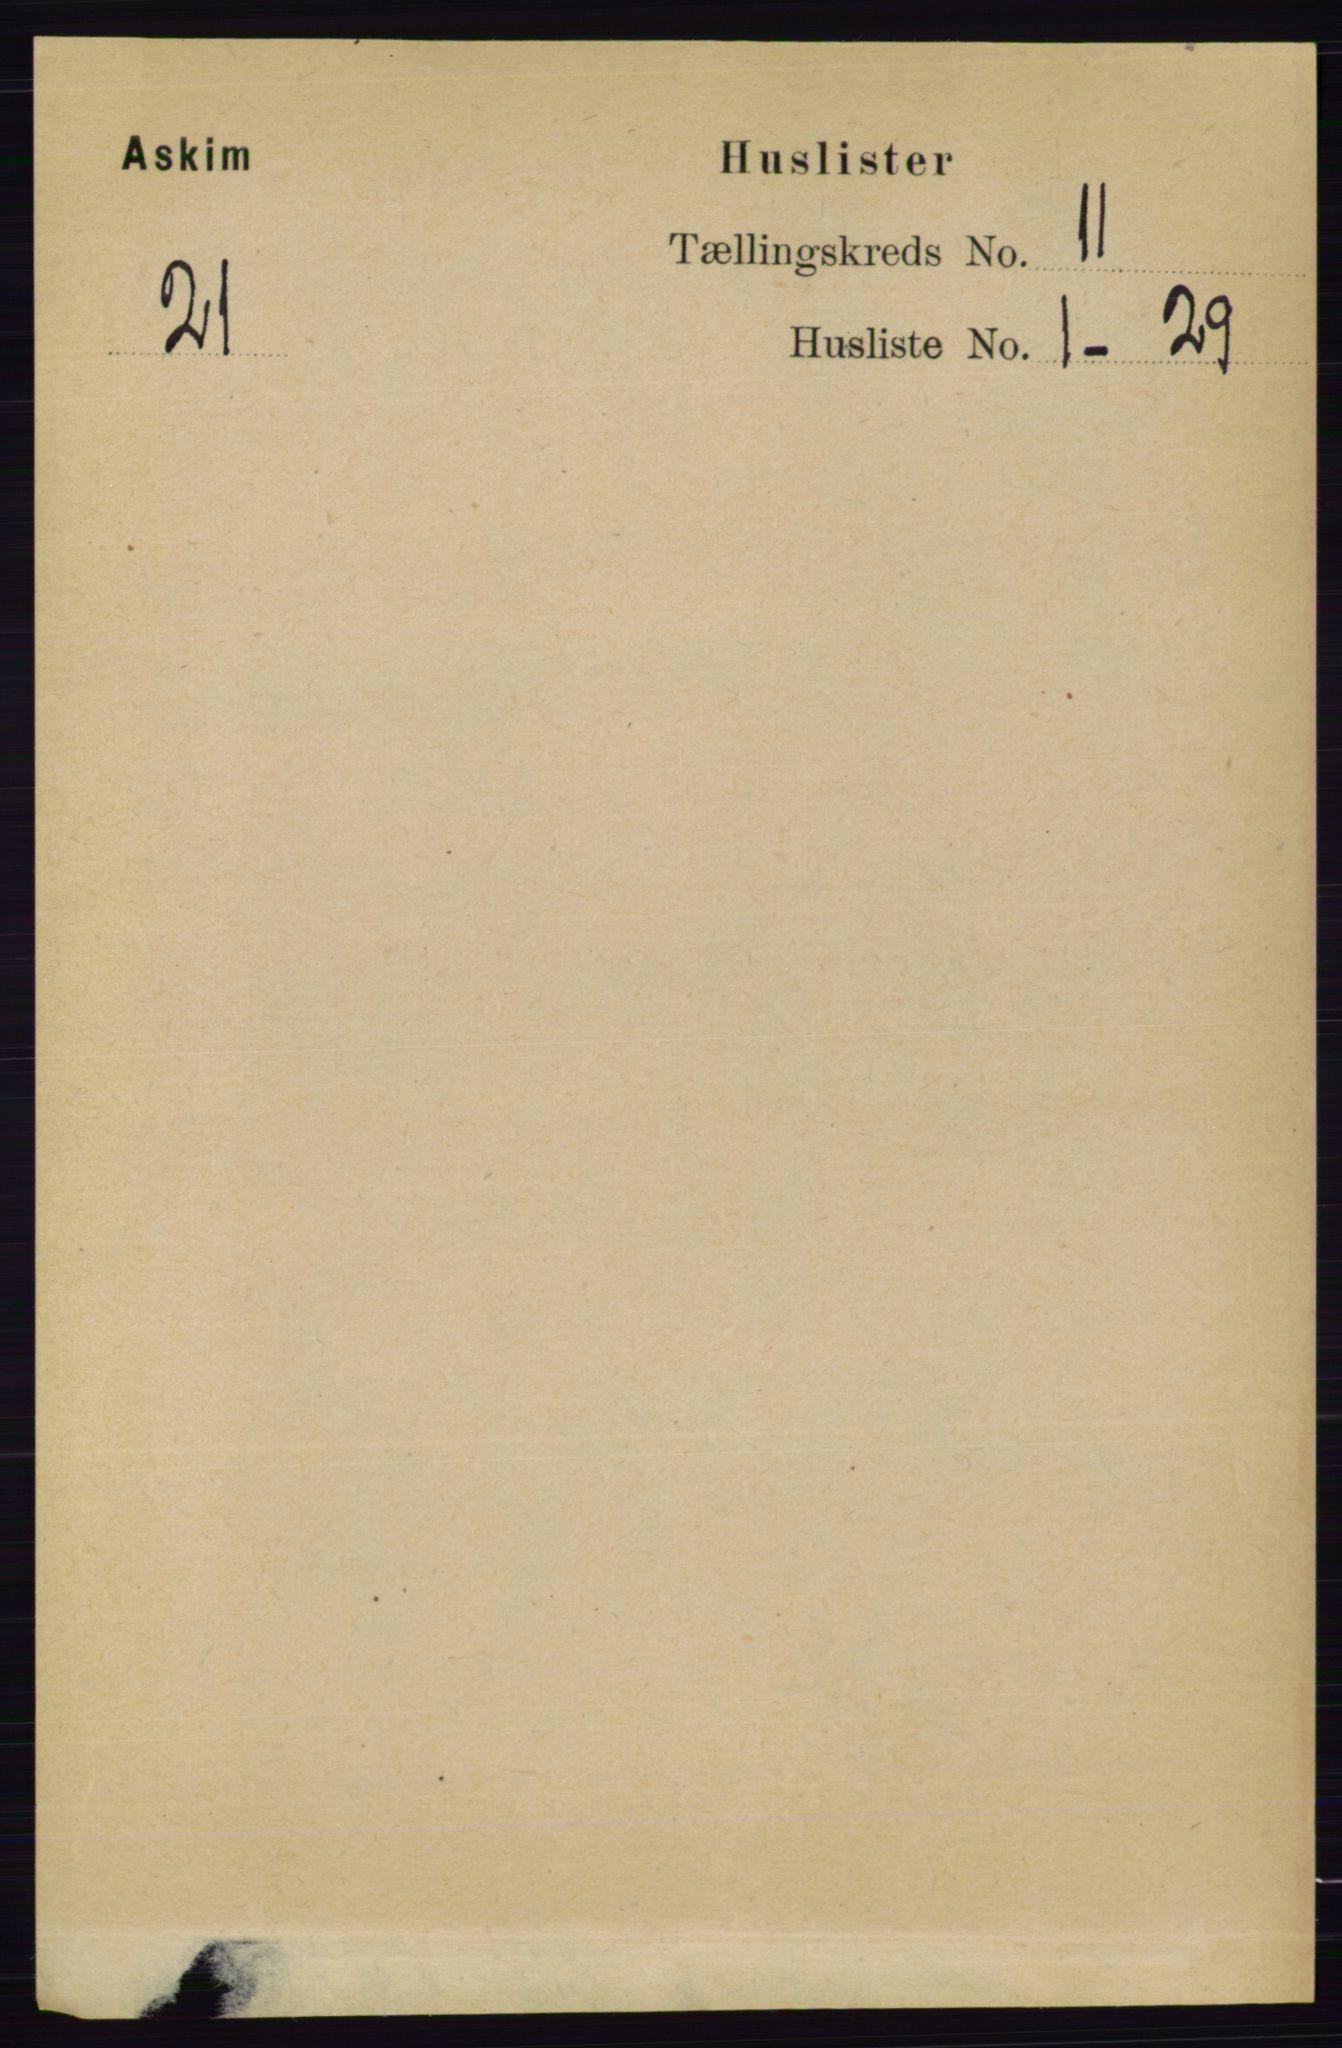 RA, Folketelling 1891 for 0124 Askim herred, 1891, s. 1709